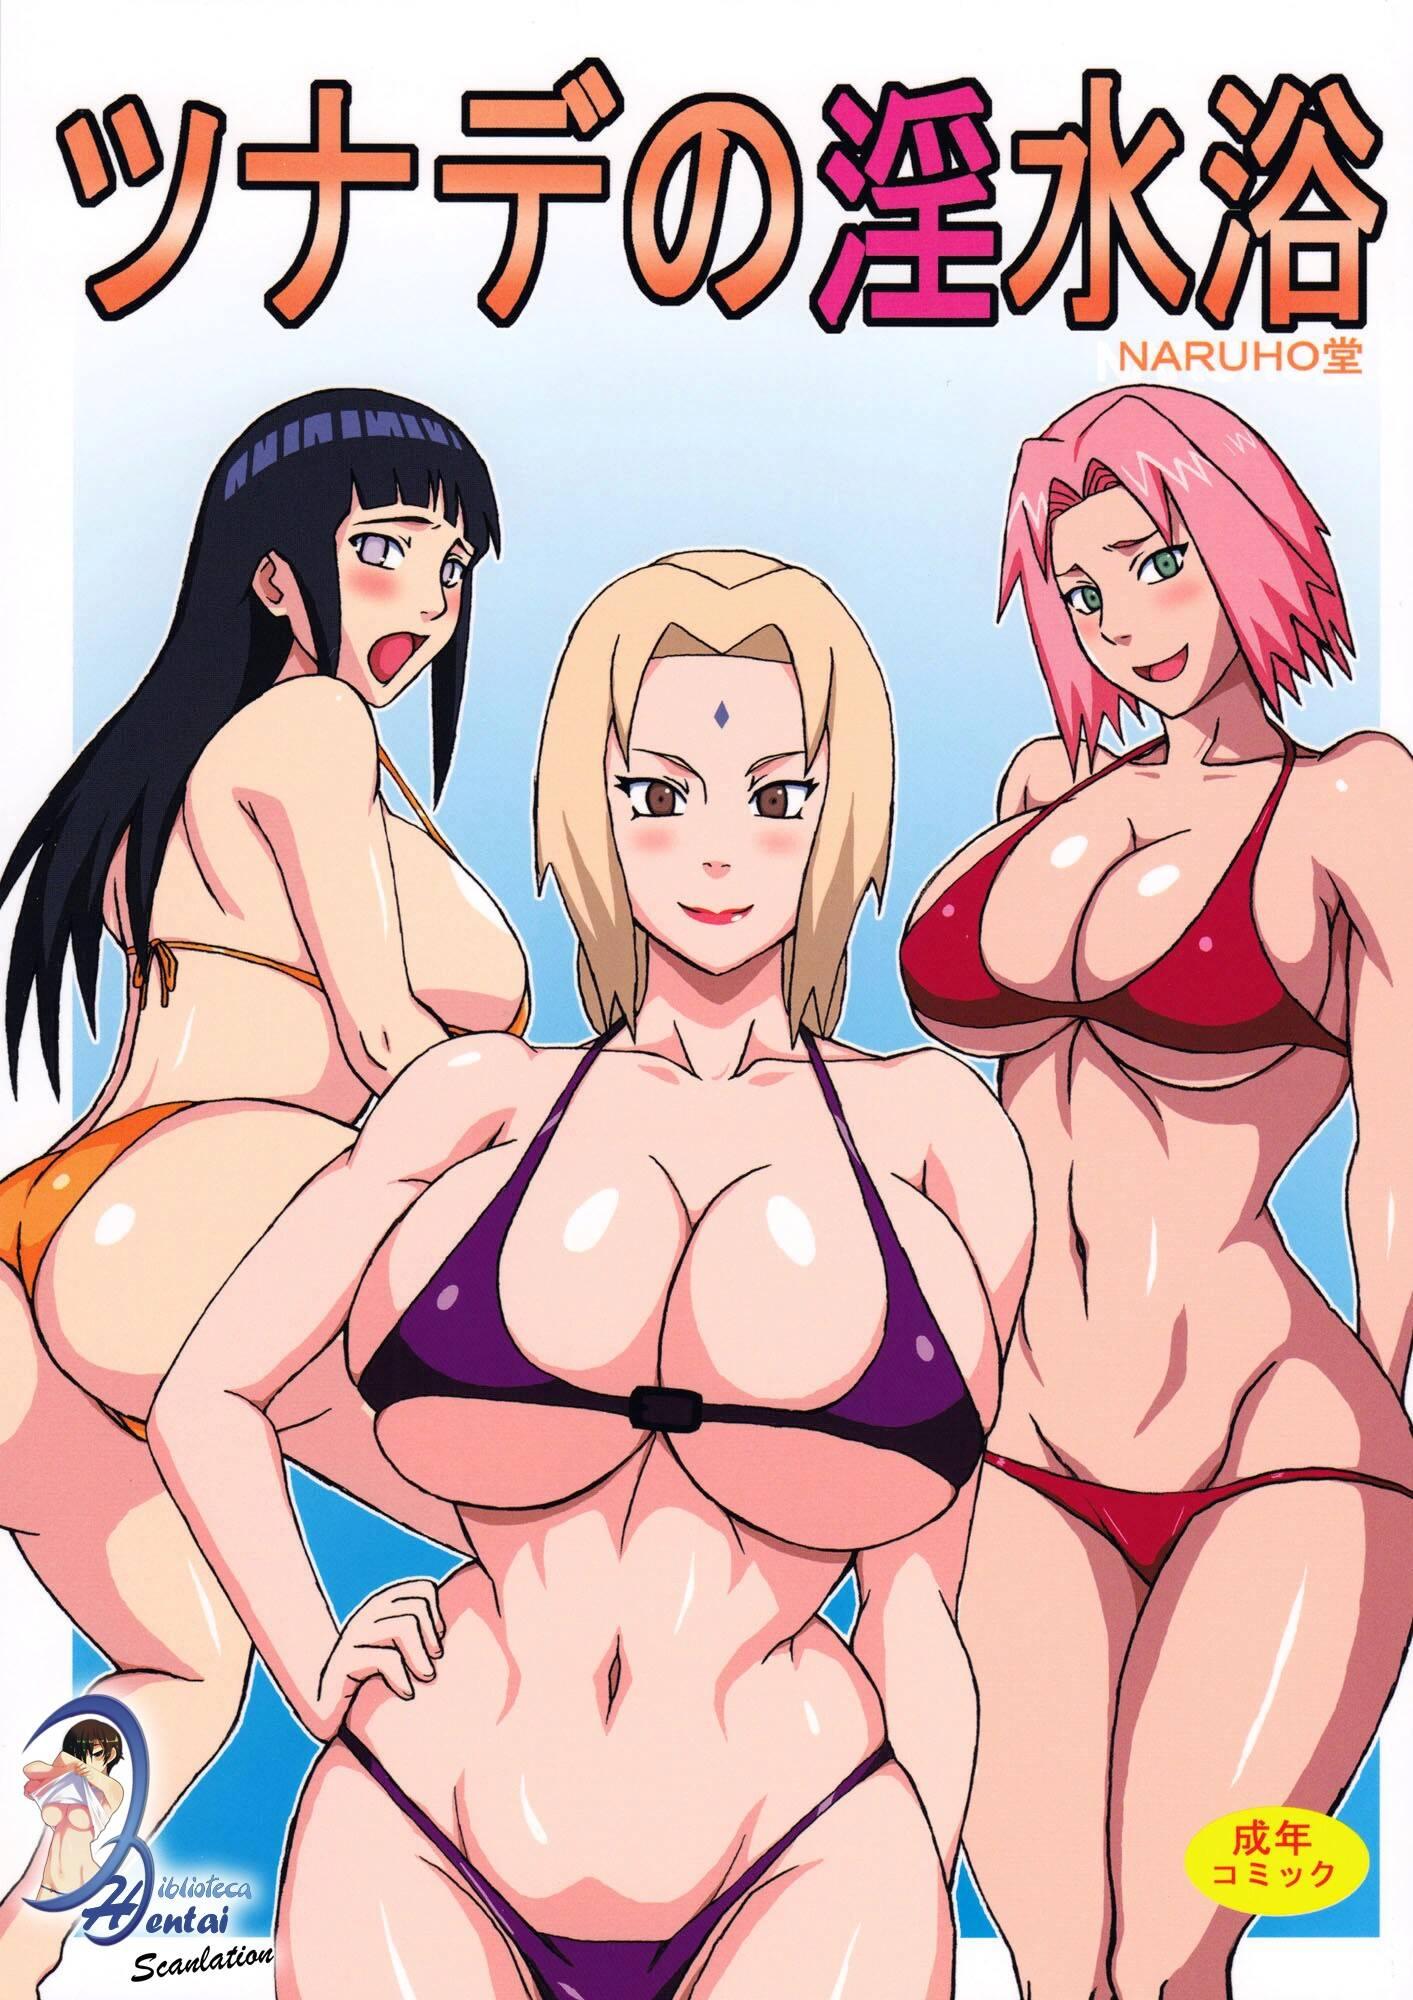 Tsunade's Obscene Beach (Spanish Mono Scan) - page00 Cover Front Naruto,  xxx porn rule34